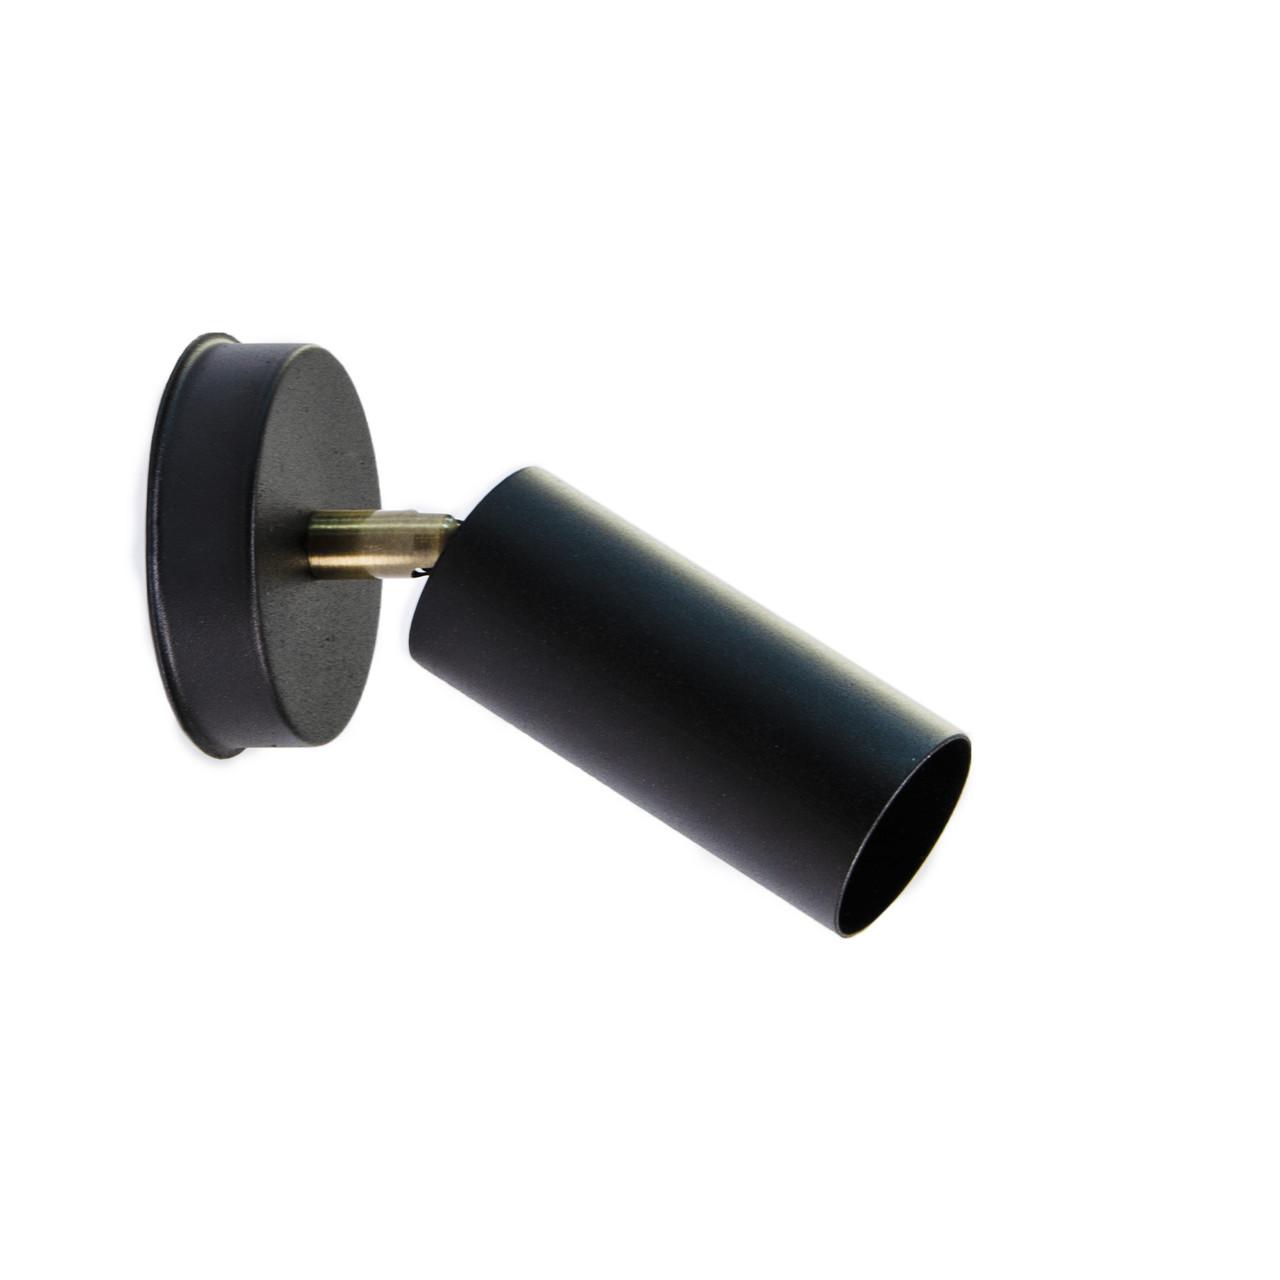 Настенный светильник Atmolight Chime W110 Черный (1372)